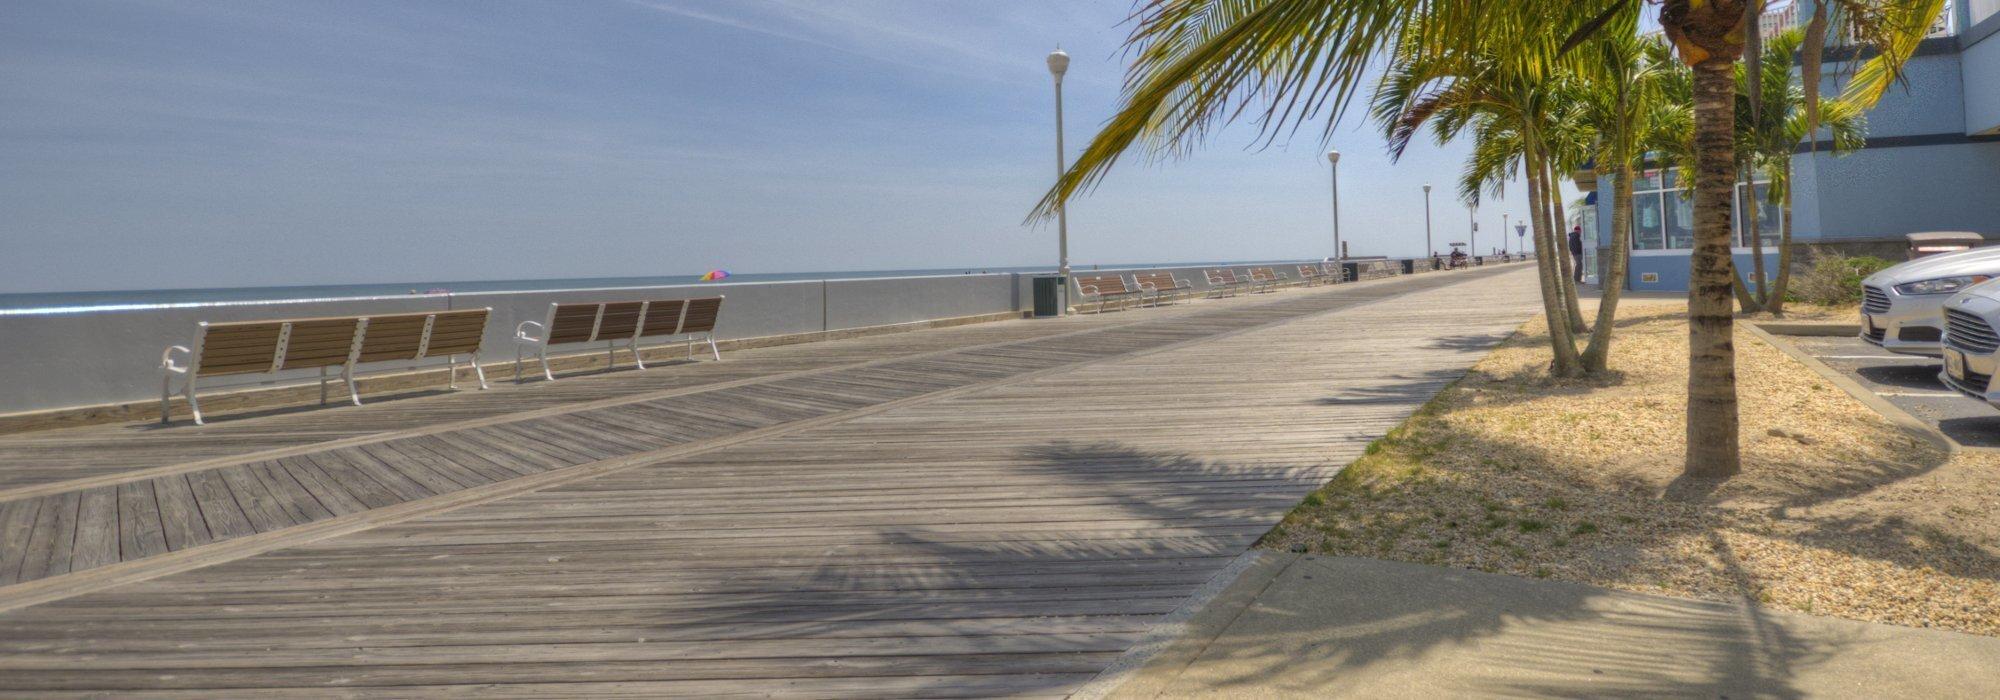 Spinnaker motel ocean city webcam